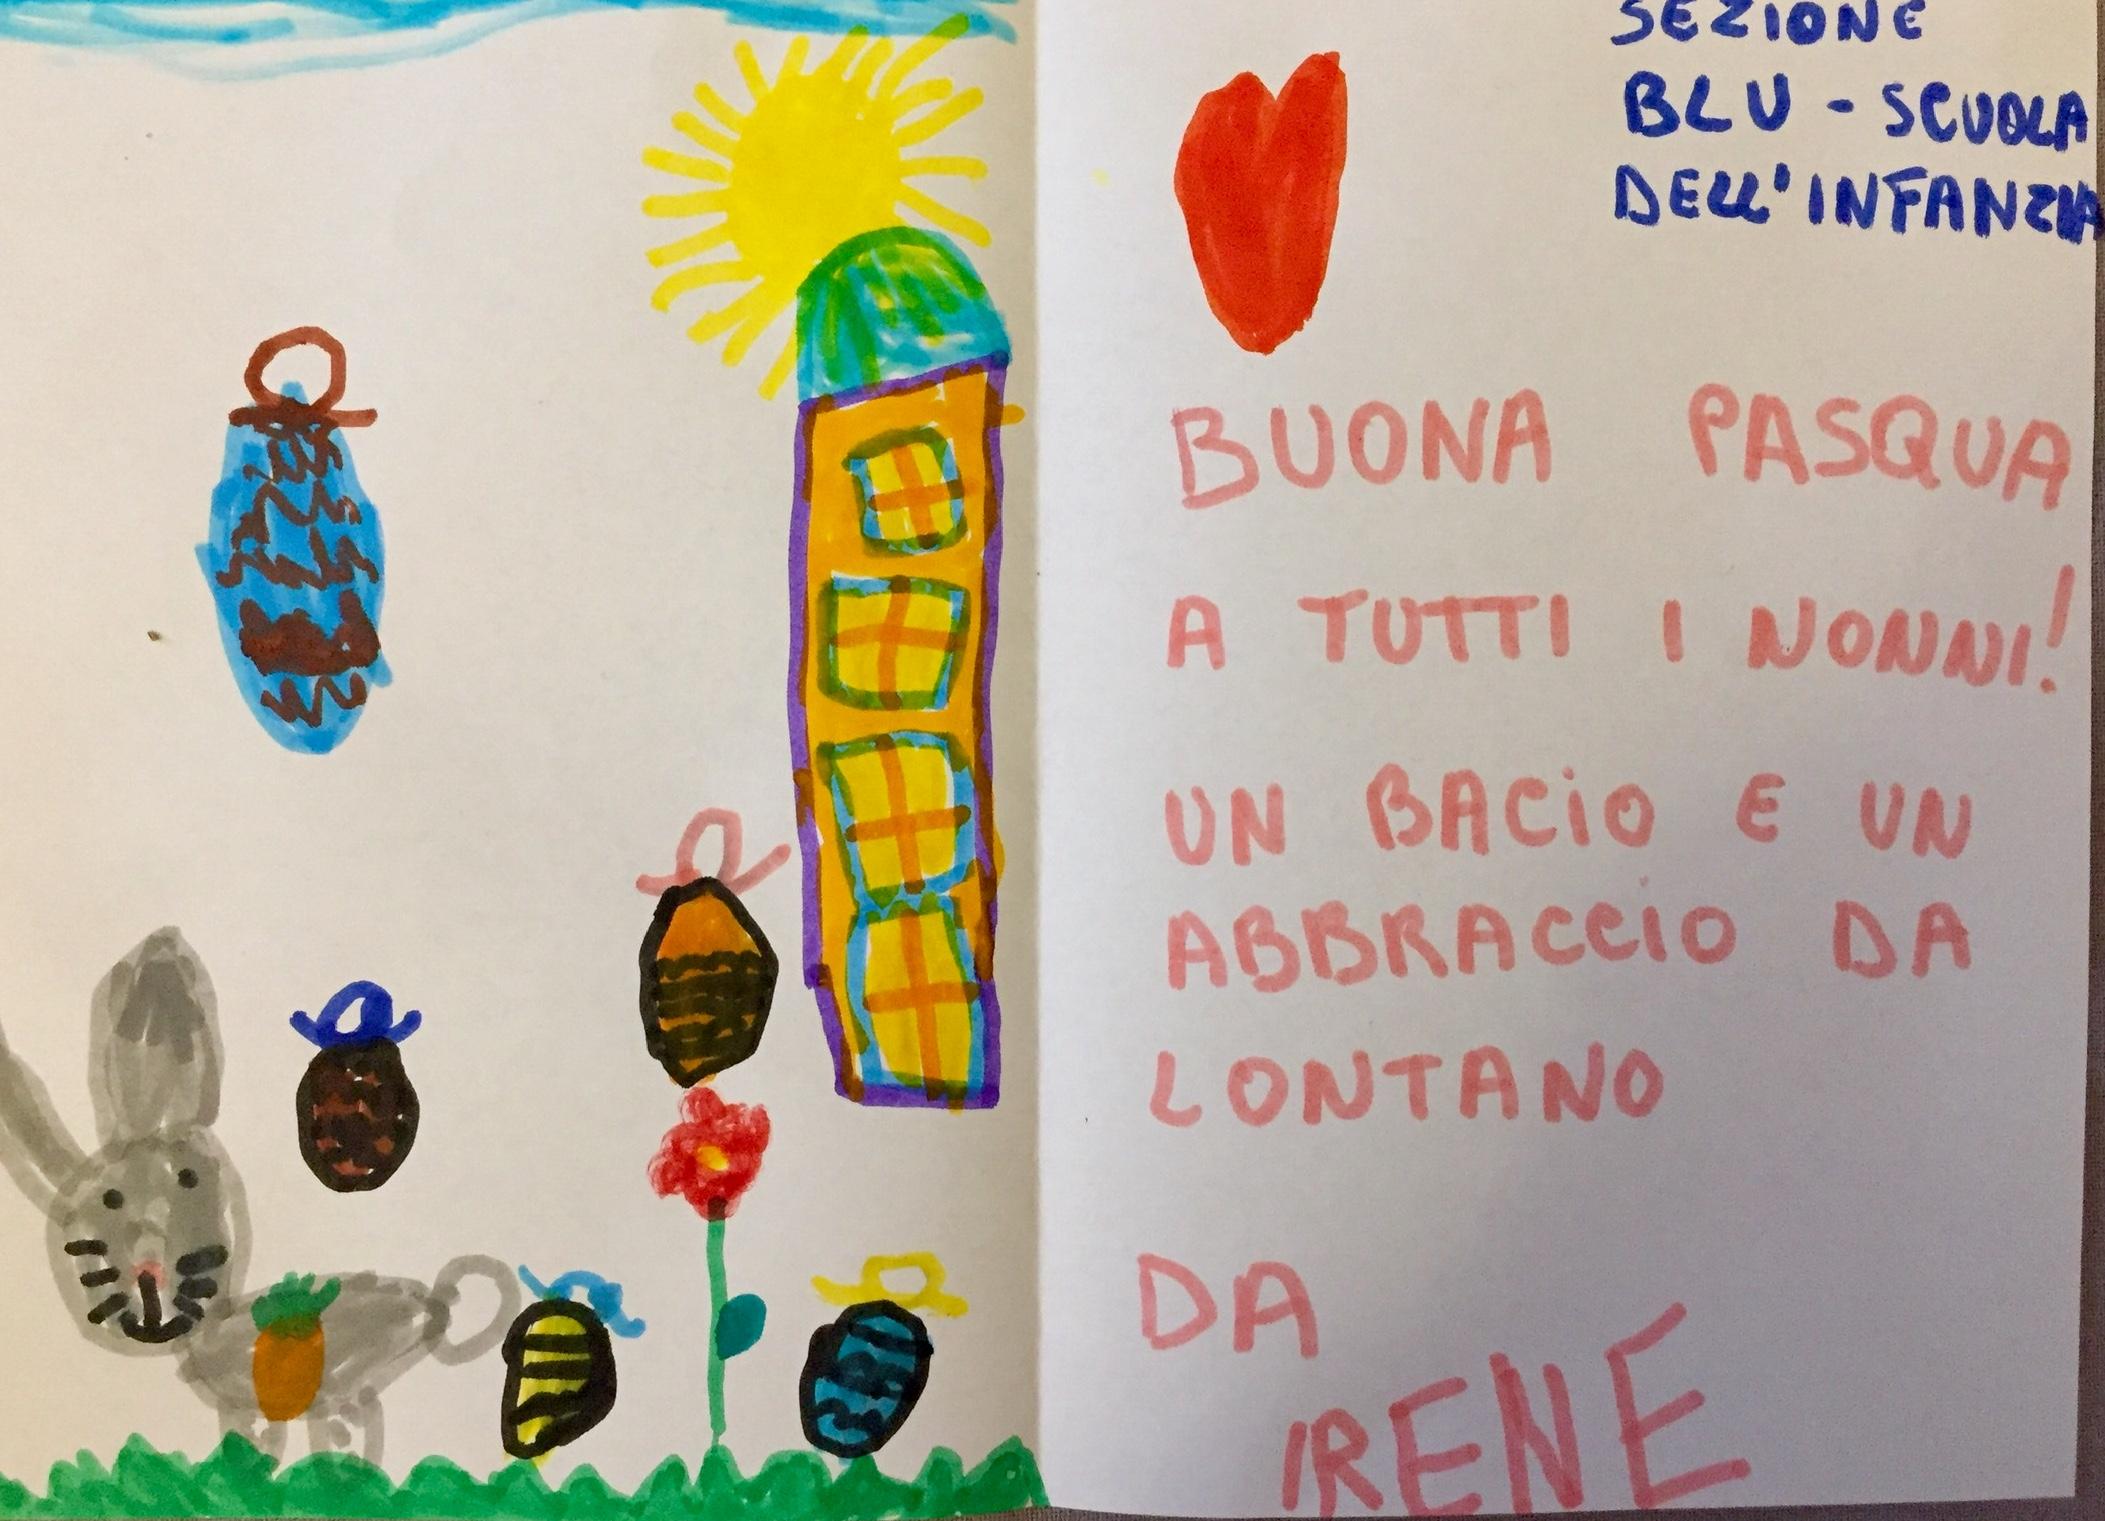 da-IRENE-sezione-blu-scuola-infanzia-Rodari